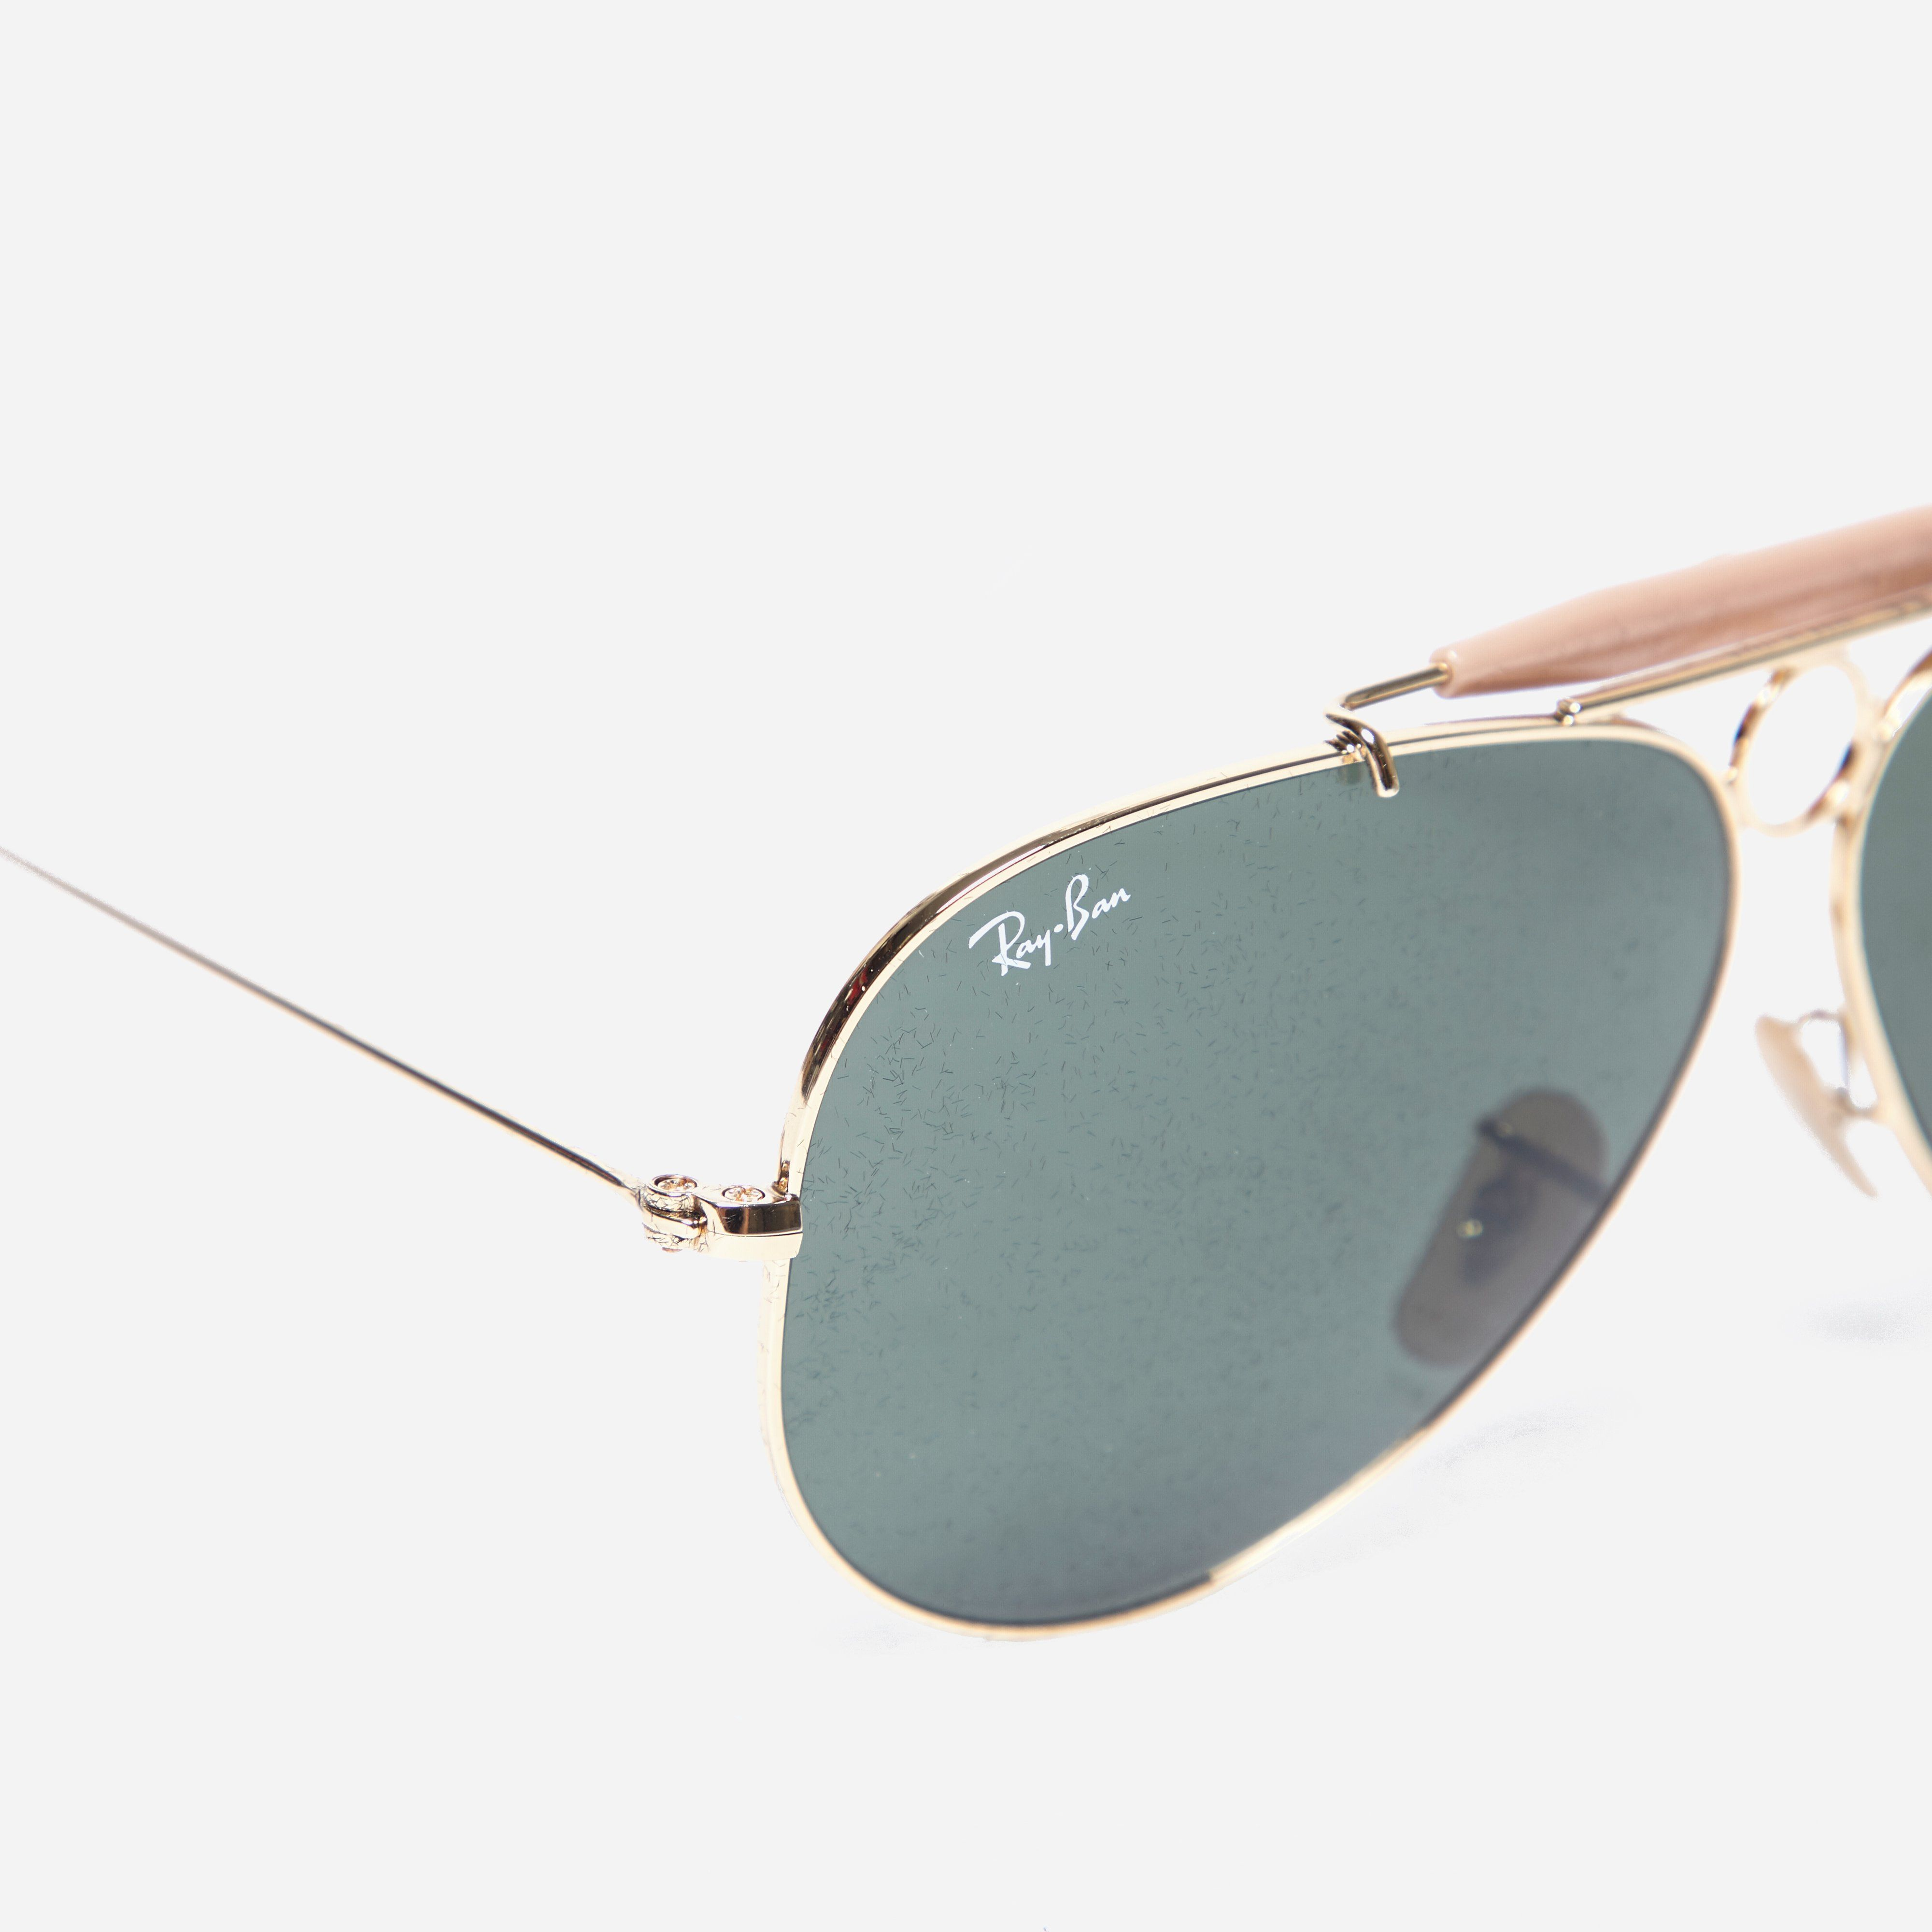 Ray-Ban Shooter Sunglasses